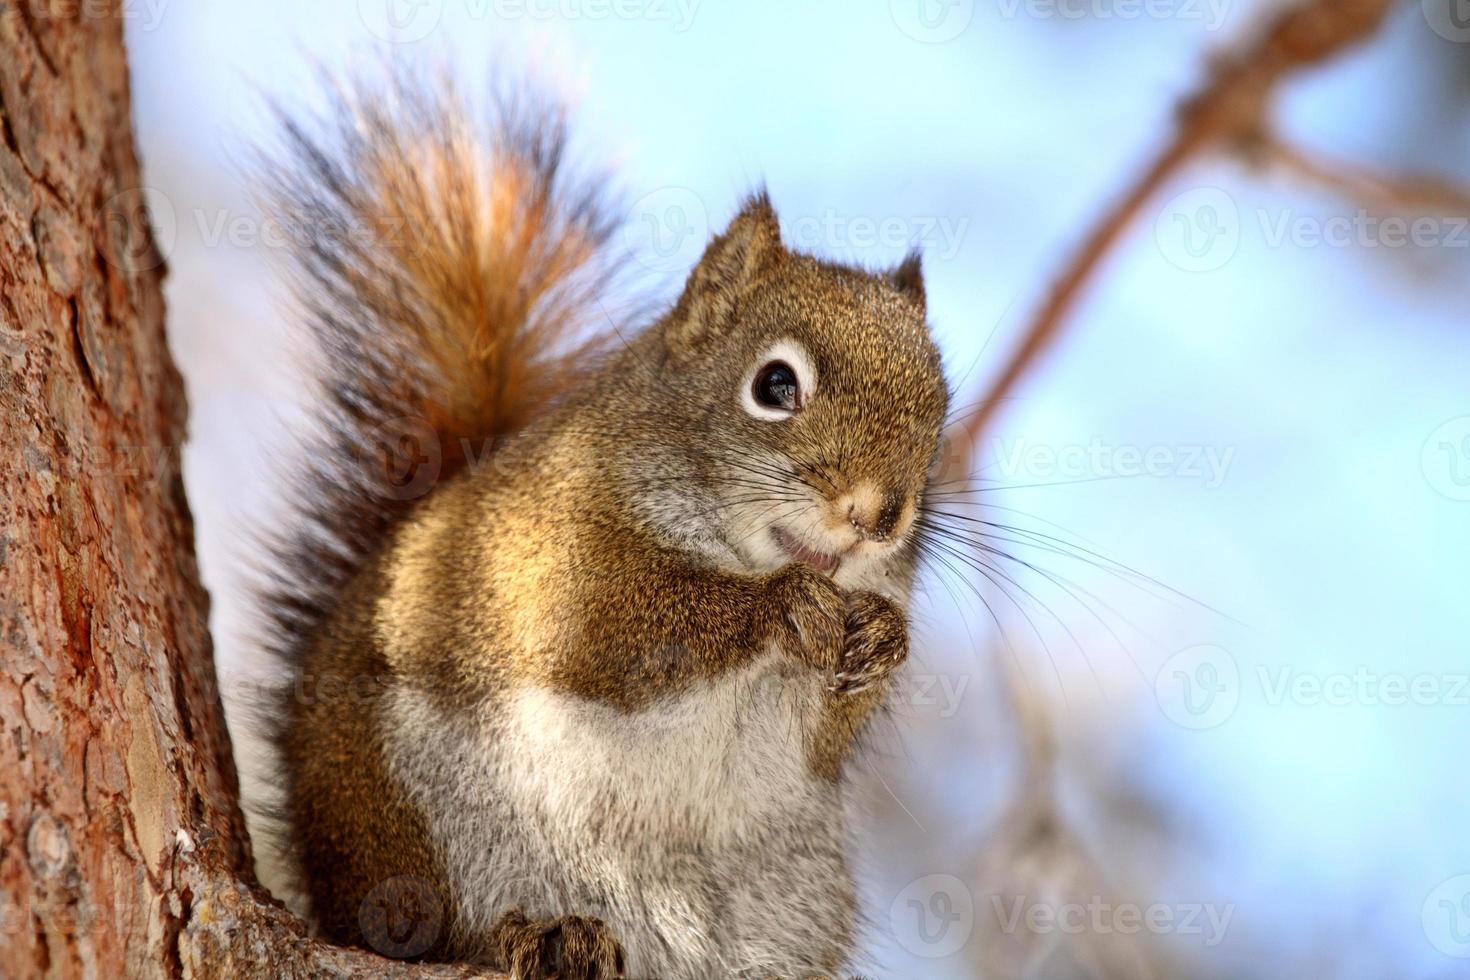 rotes Eichhörnchen auf Ast foto